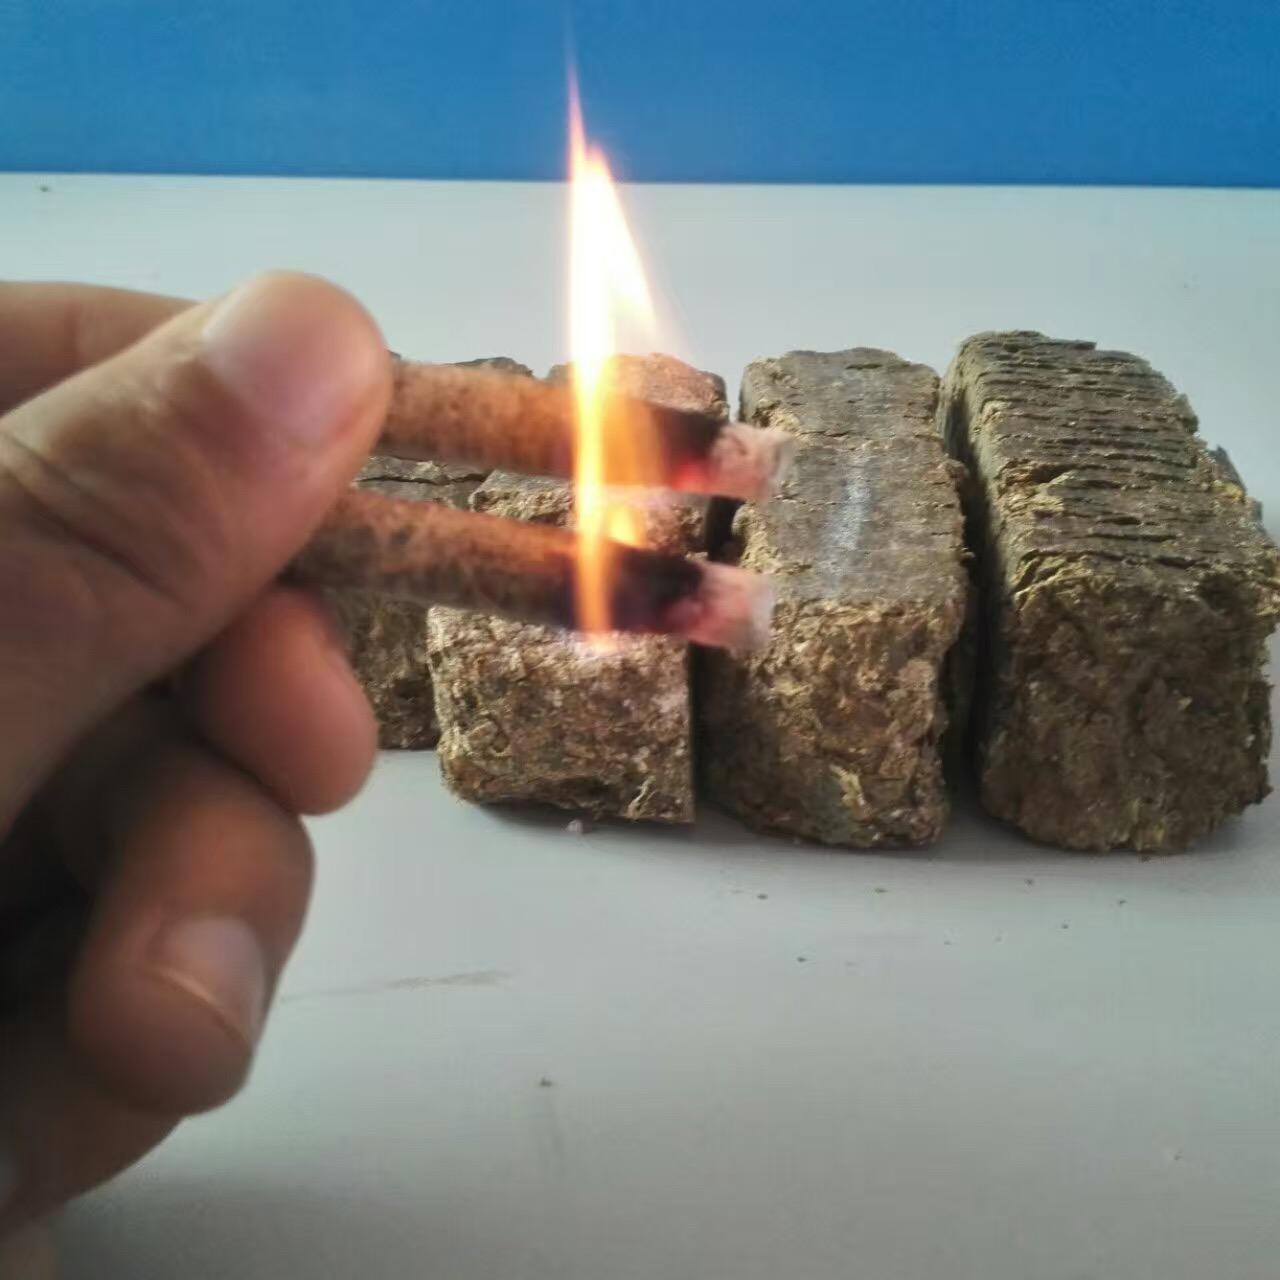 生物质花生壳压块然料燃烧过程分析